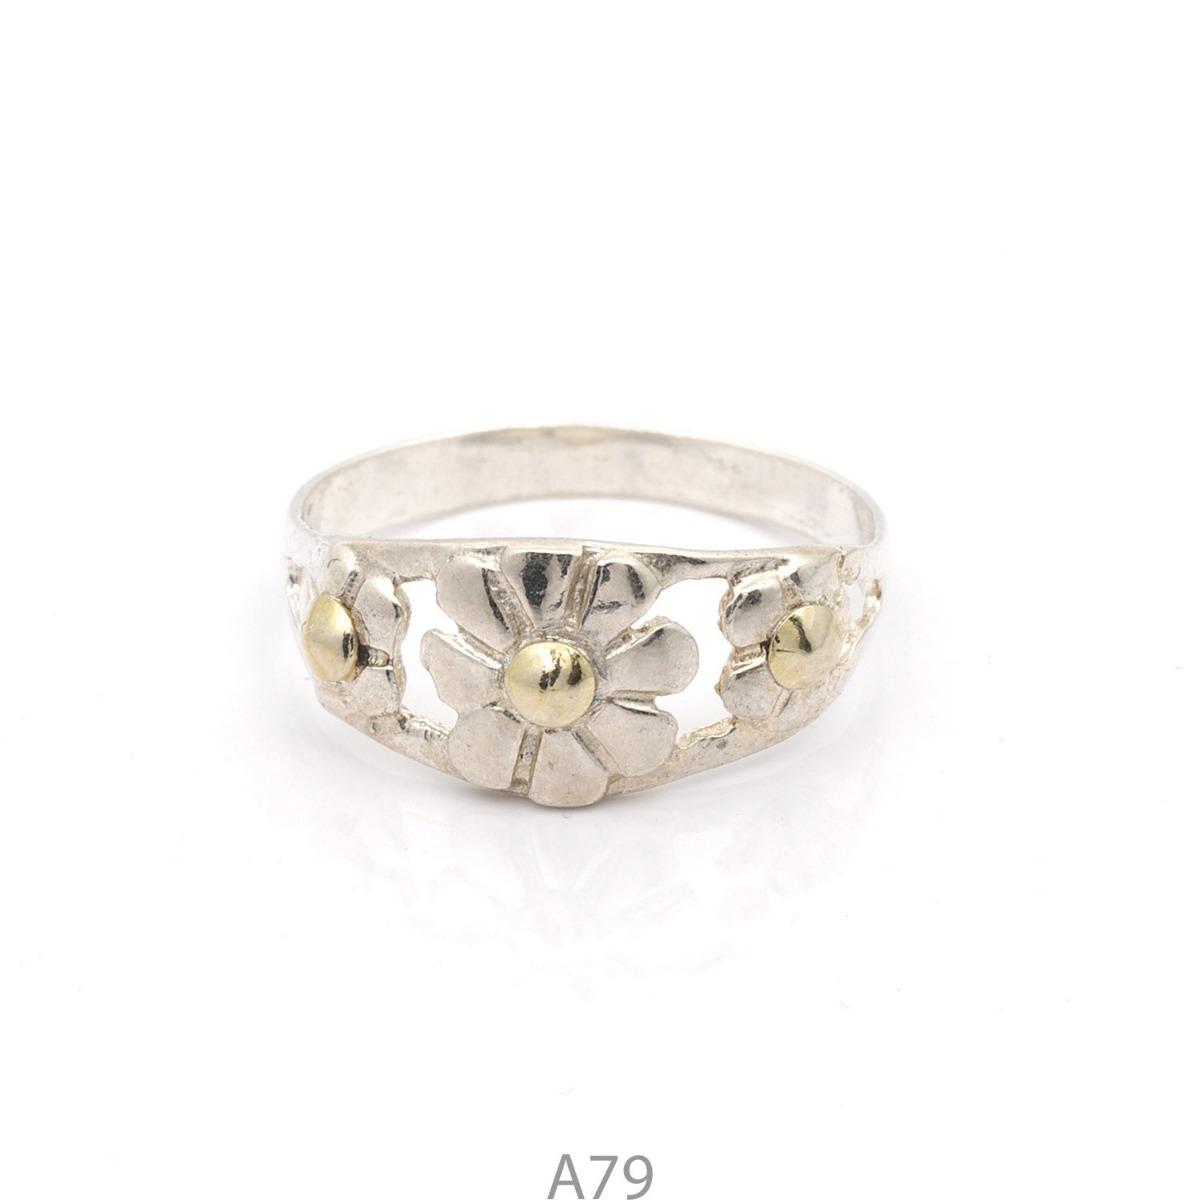 0f39fb37e443 anillos plata y oro x 30 unidades mayorista económicos. Cargando zoom.